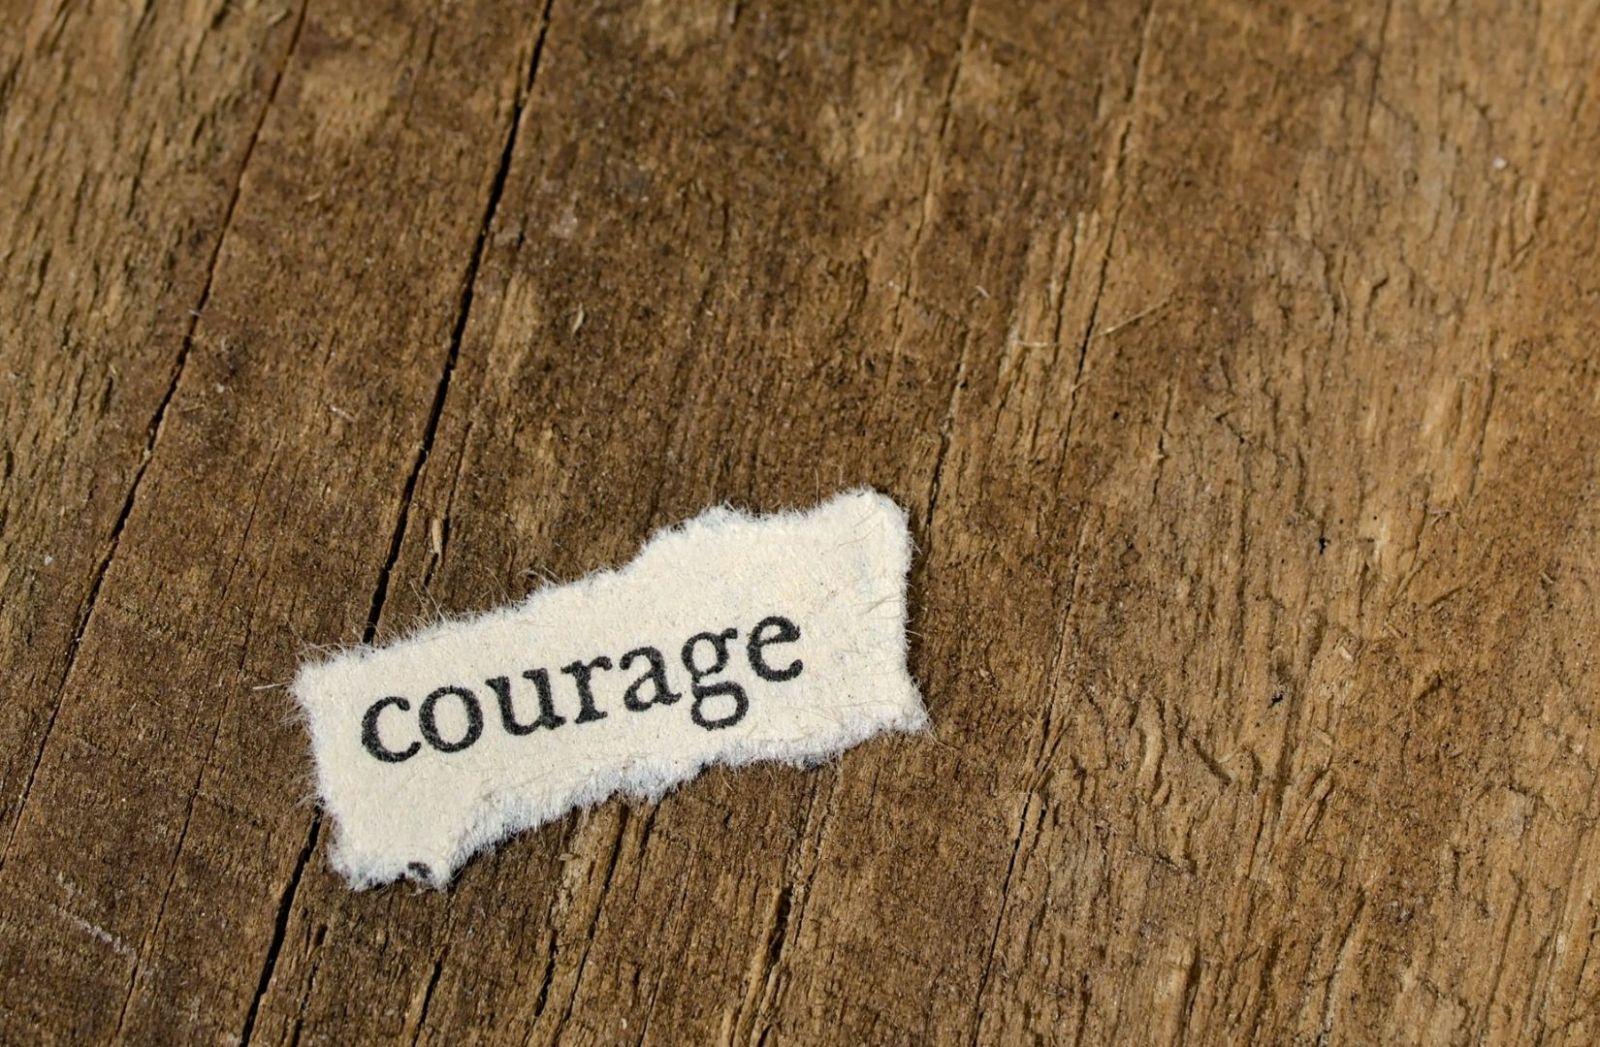 Zweifel am Rechtsstaat sind der Mut zur Eigenständigkeit. (Foto: Michael Dziedzic, Unsplash.com)